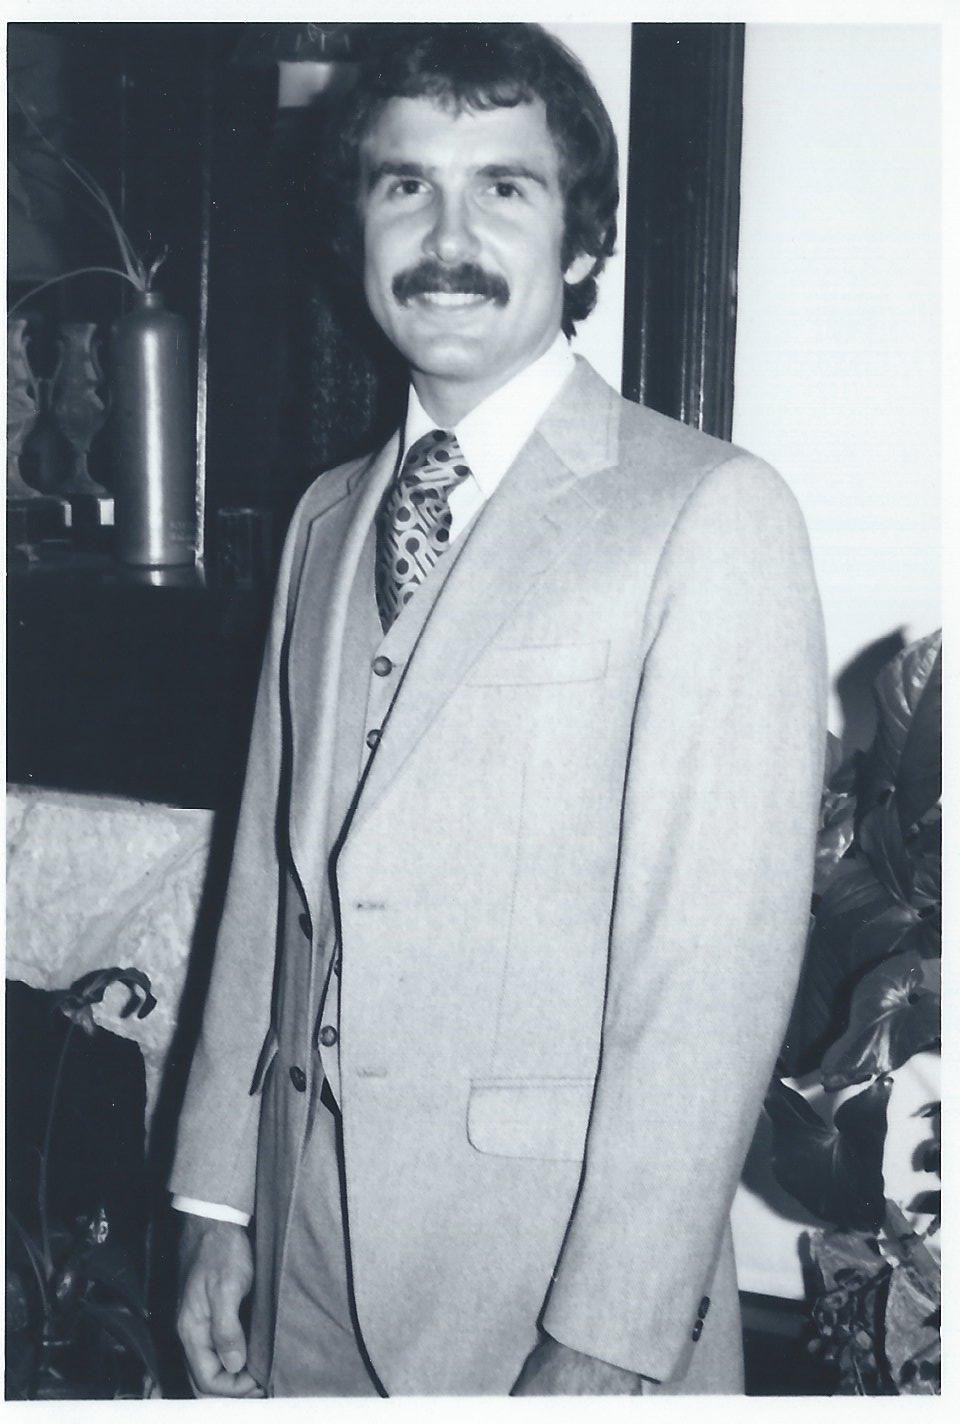 Bill Nelson in 1972